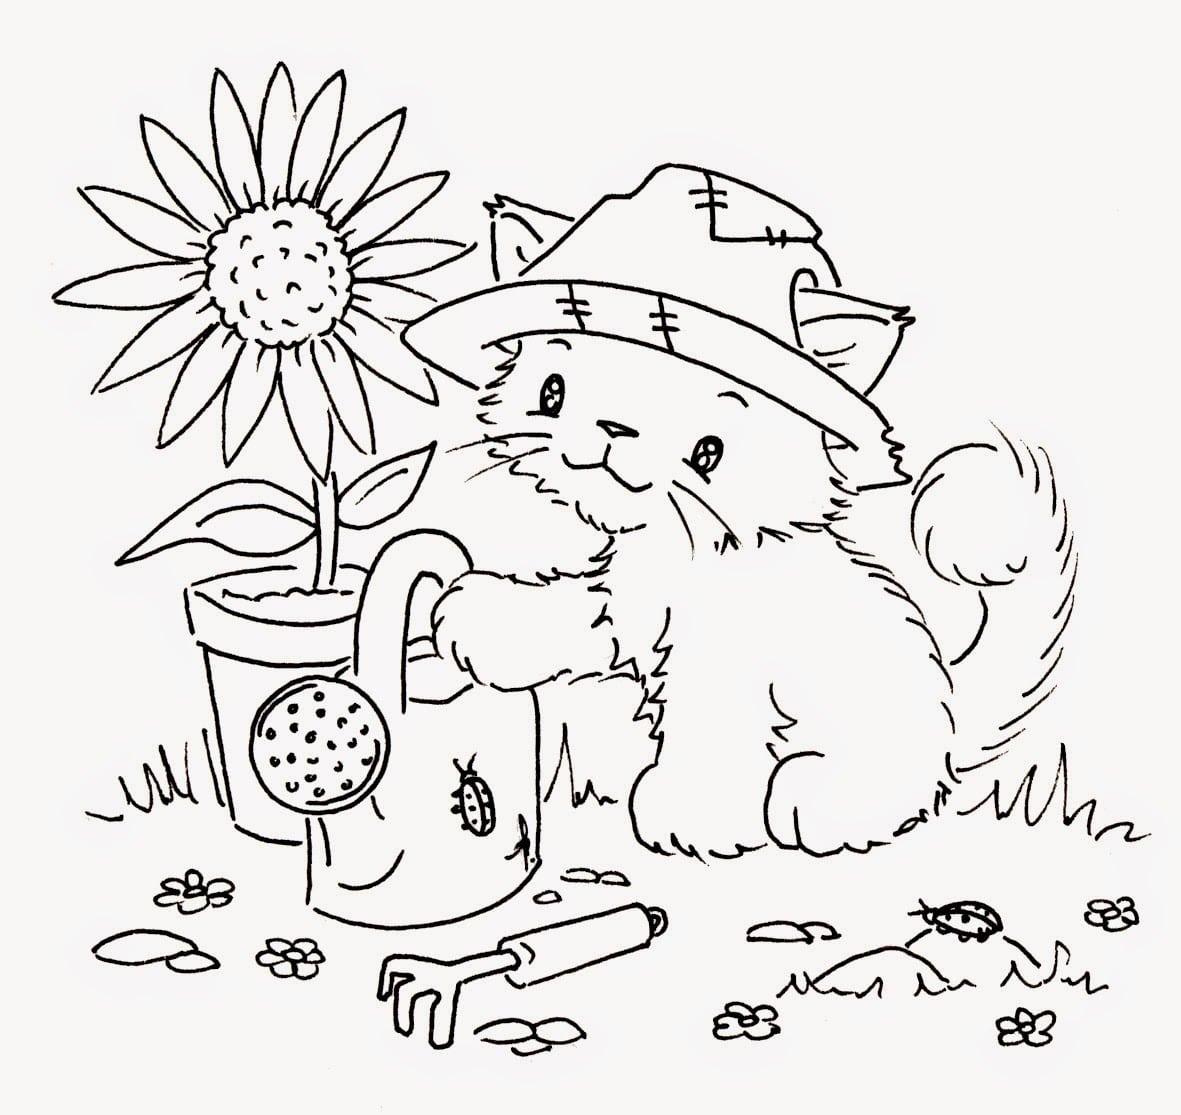 Desenhos De Gatos E Gatinhos Para Colorir, Pintar E Imprimir No